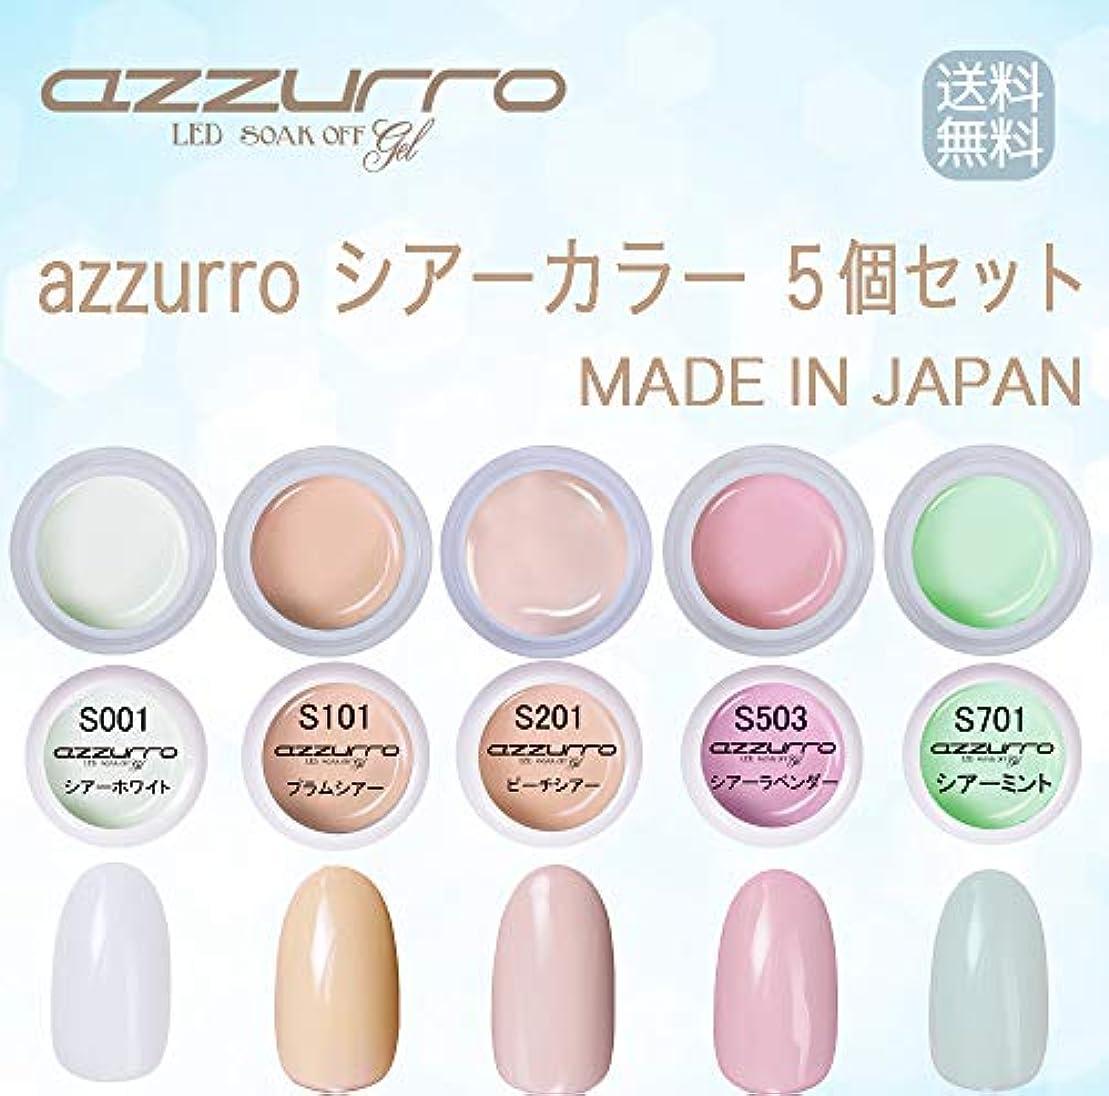 十分なショッピングセンター正確に【送料無料】日本製 azzurro gel シアー カラージェル5個セット グラデーションにもピッタリなカラー